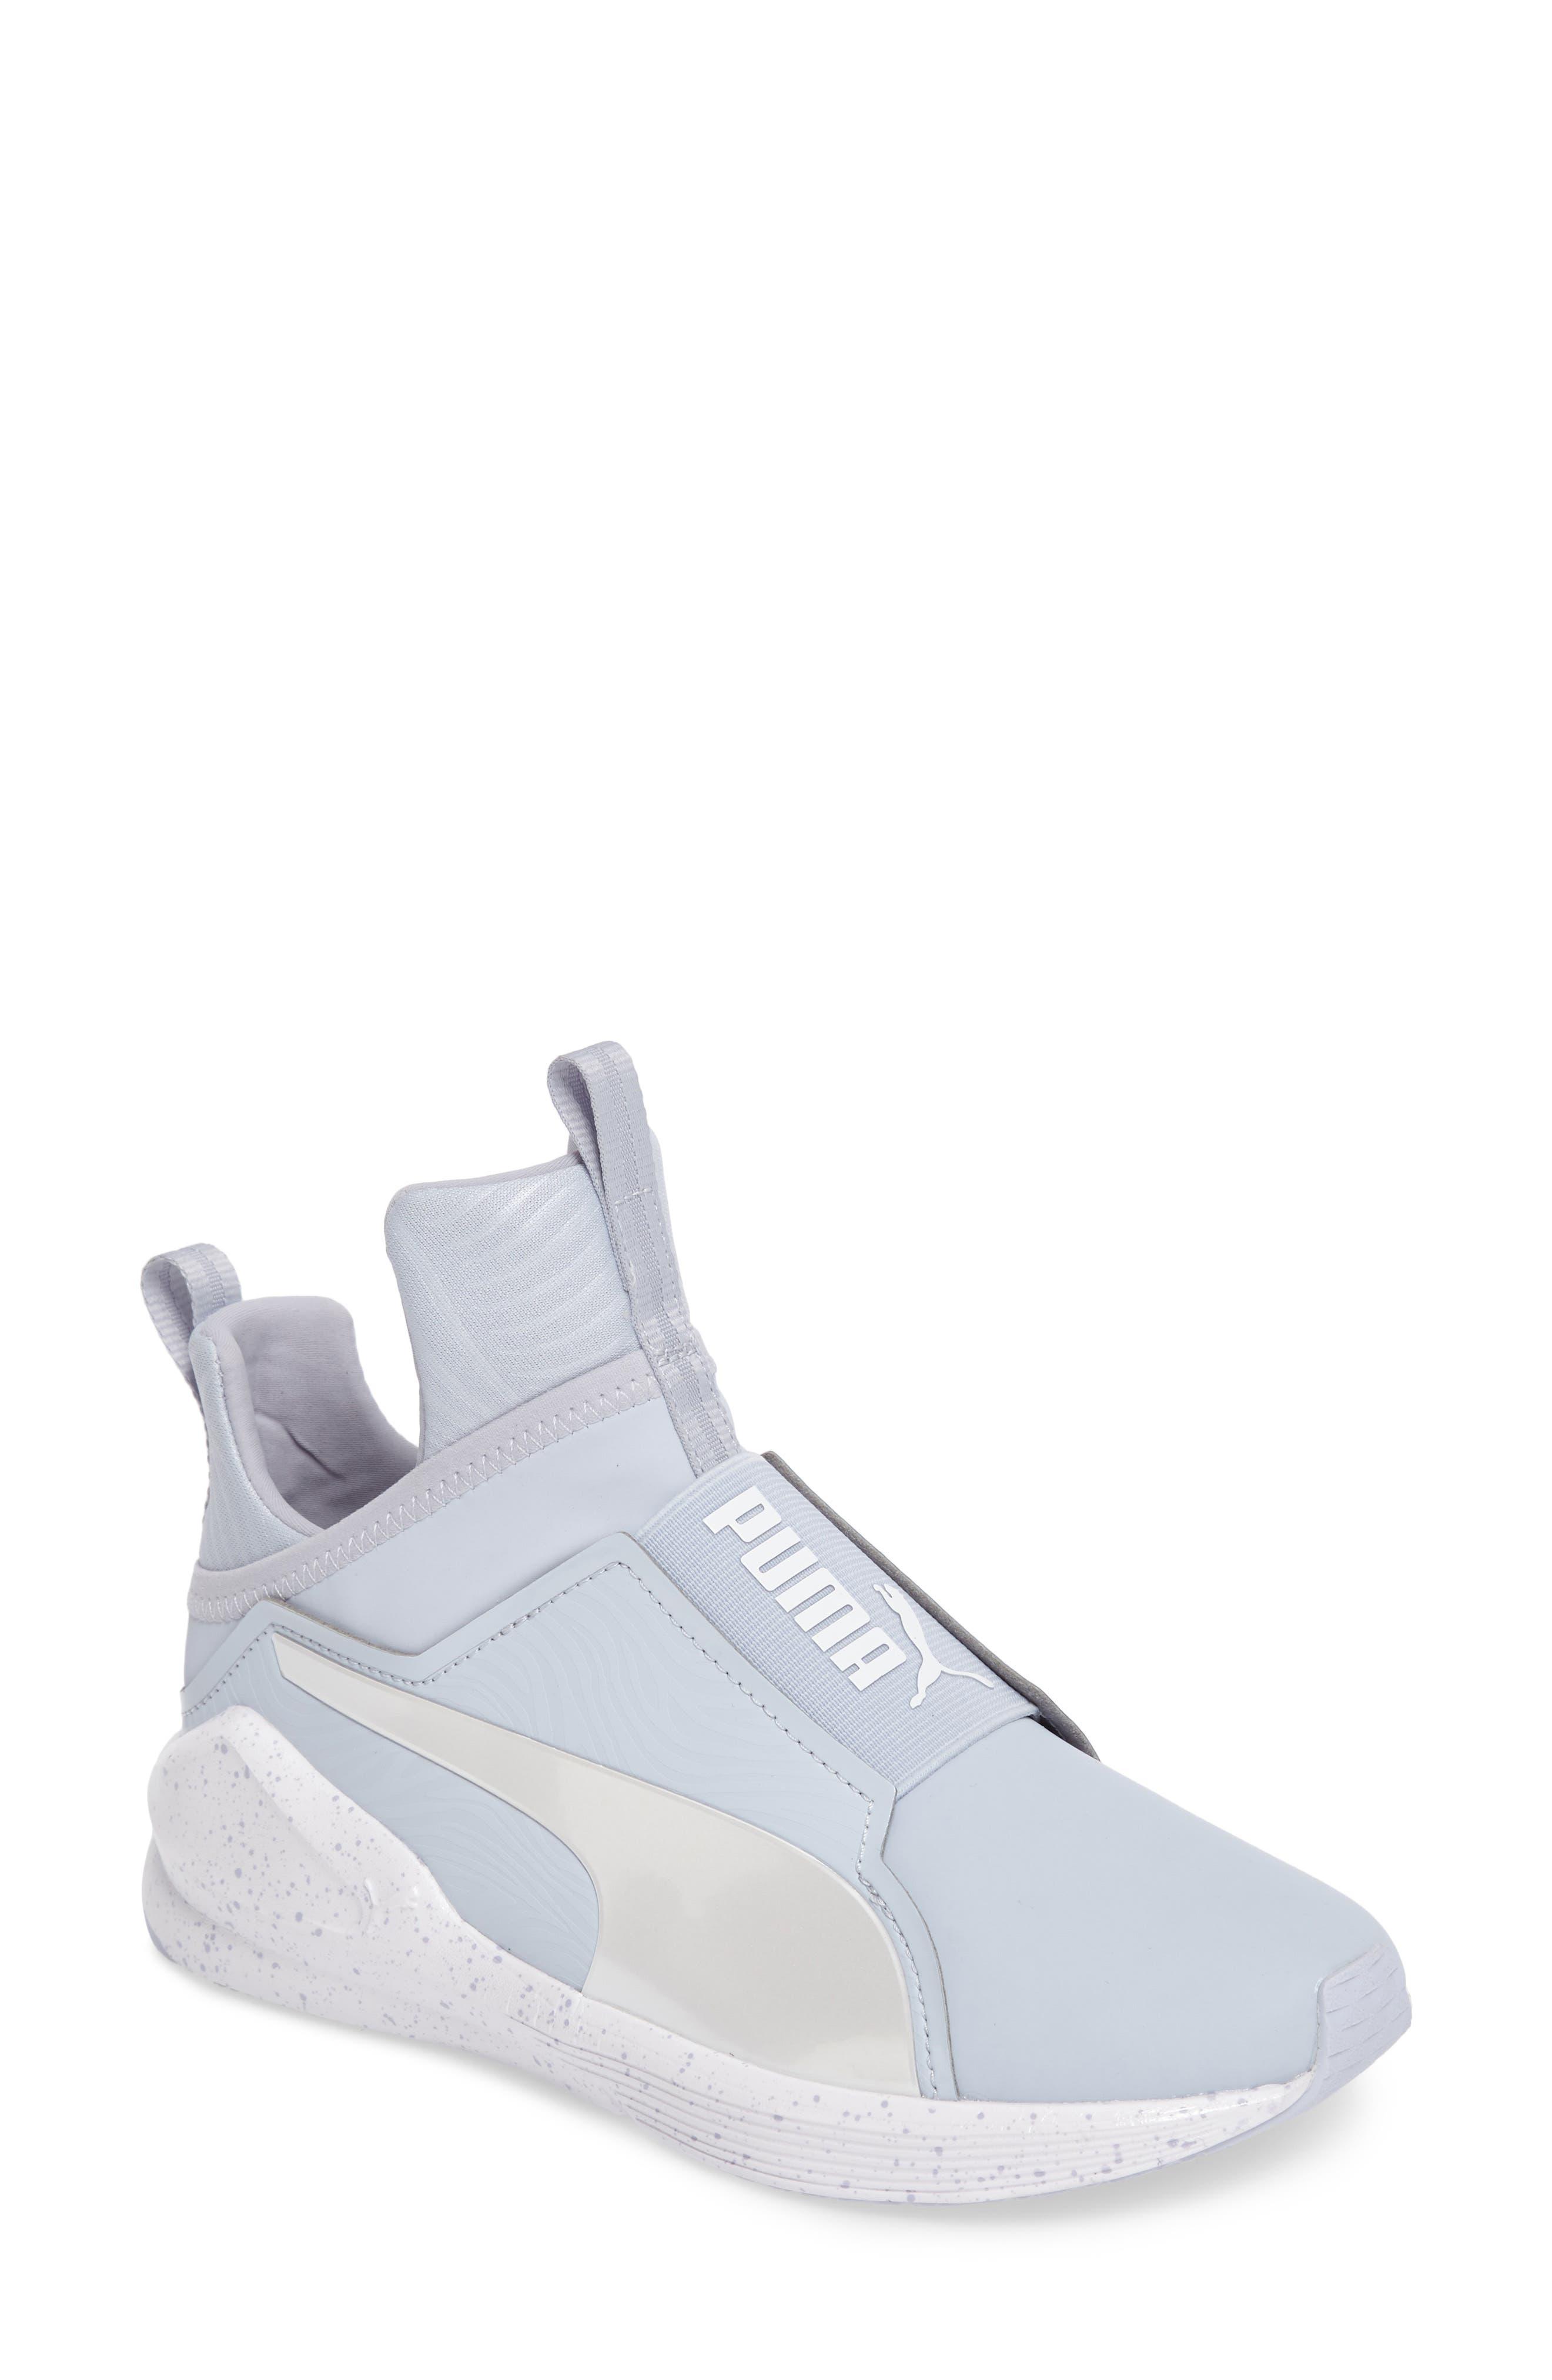 PUMA Fierce Bleached High Top Sneaker (Women)